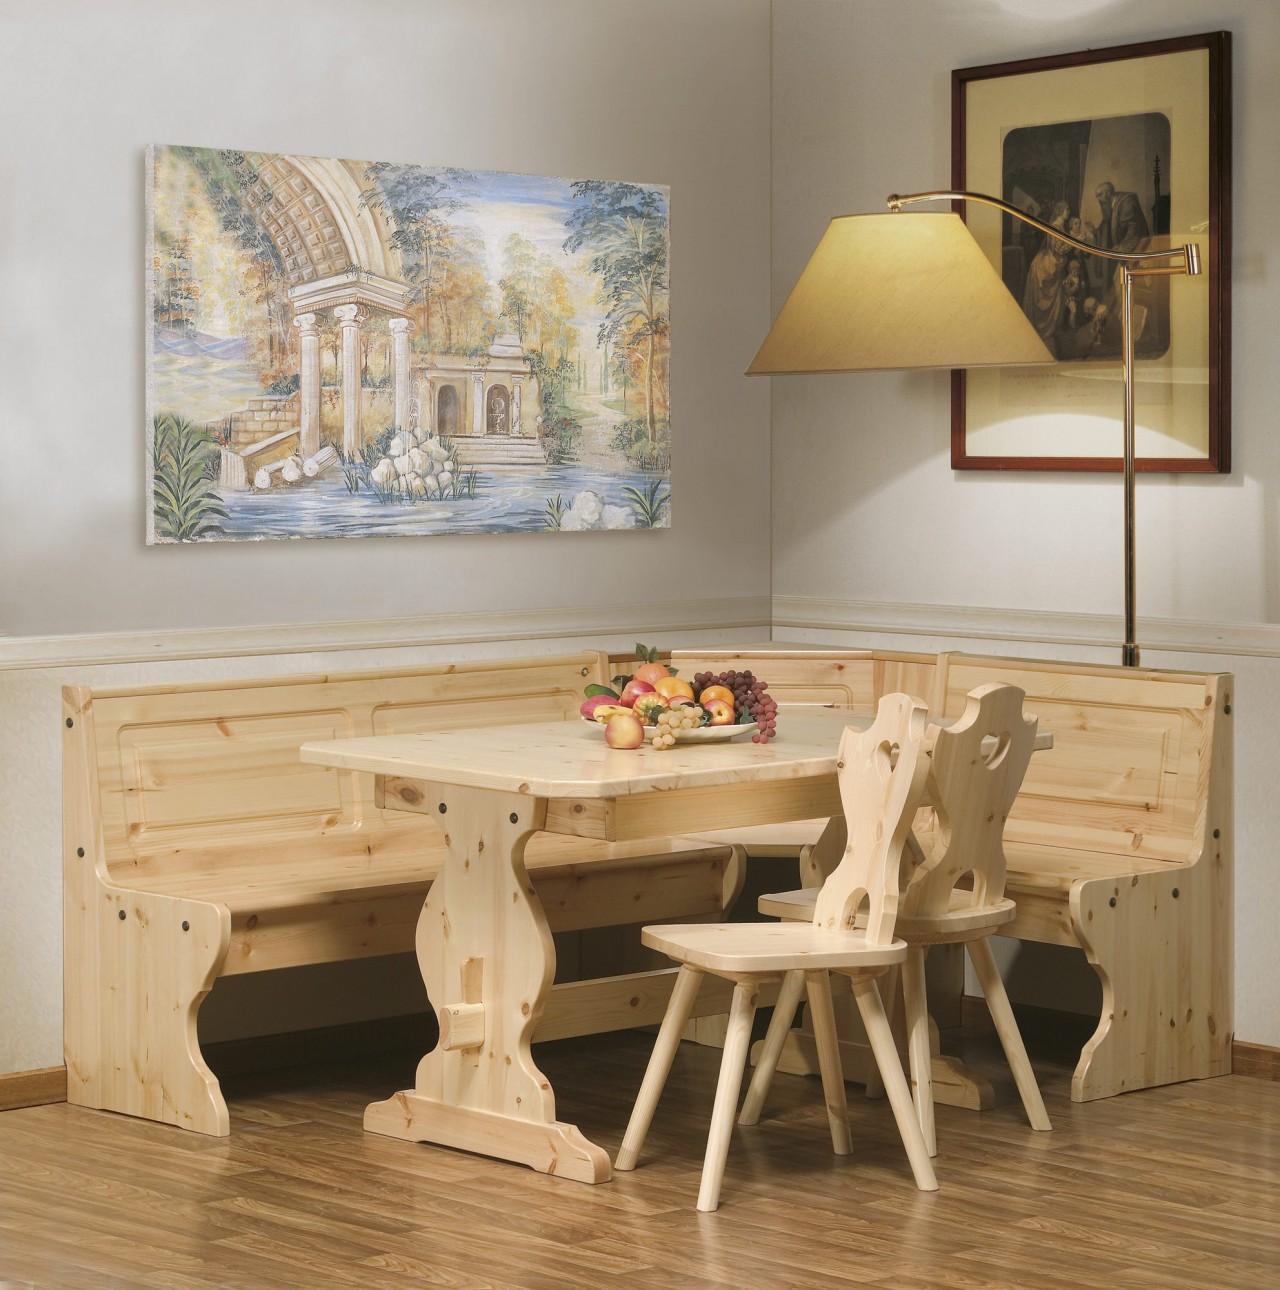 Cristalliere in pino angolo sala tirolese arredamenti - Mobili rustici per cucina ...